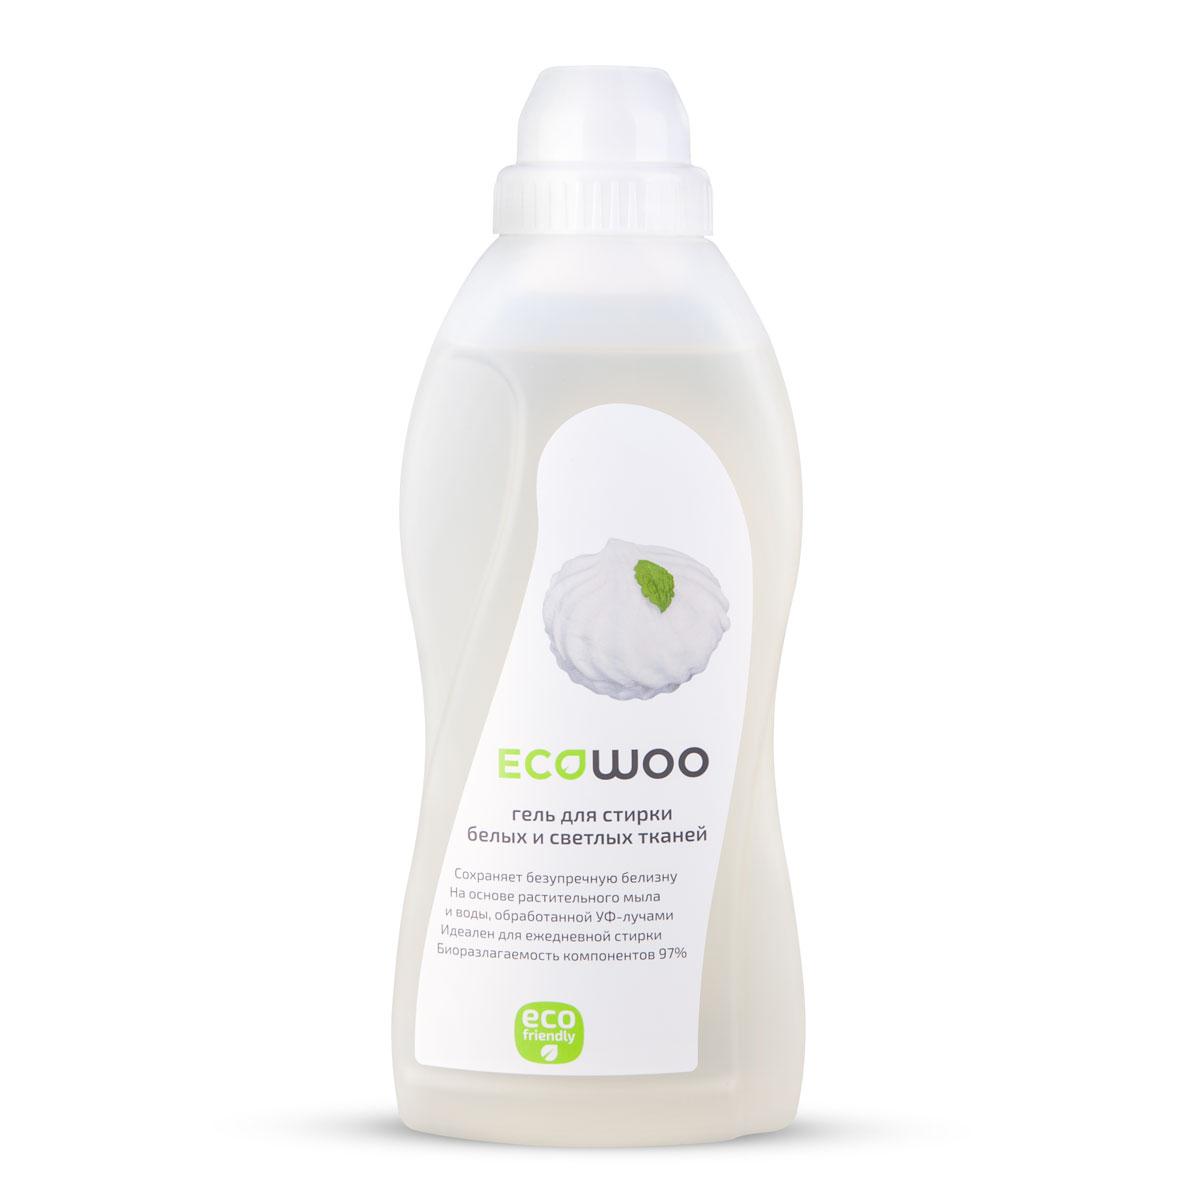 Гель для стирки белых и светлых тканей EcoWoo, 700 млЕ088163Гель для стирки EcoWoo сохраняет безупречную белизну. Средство изготовлено на основе растительного мыла и воды,обработанной УФ- лучами.Подходит для ежедневной стирки. Биоразлагаемостькомпонентов 97%. Формула EcoWoo обеспечивает бережныйуход за белым бельем и светлыми вещами. Не допускаетпоявления желтизны и серого налета на вещах. Товар сертифицирован.